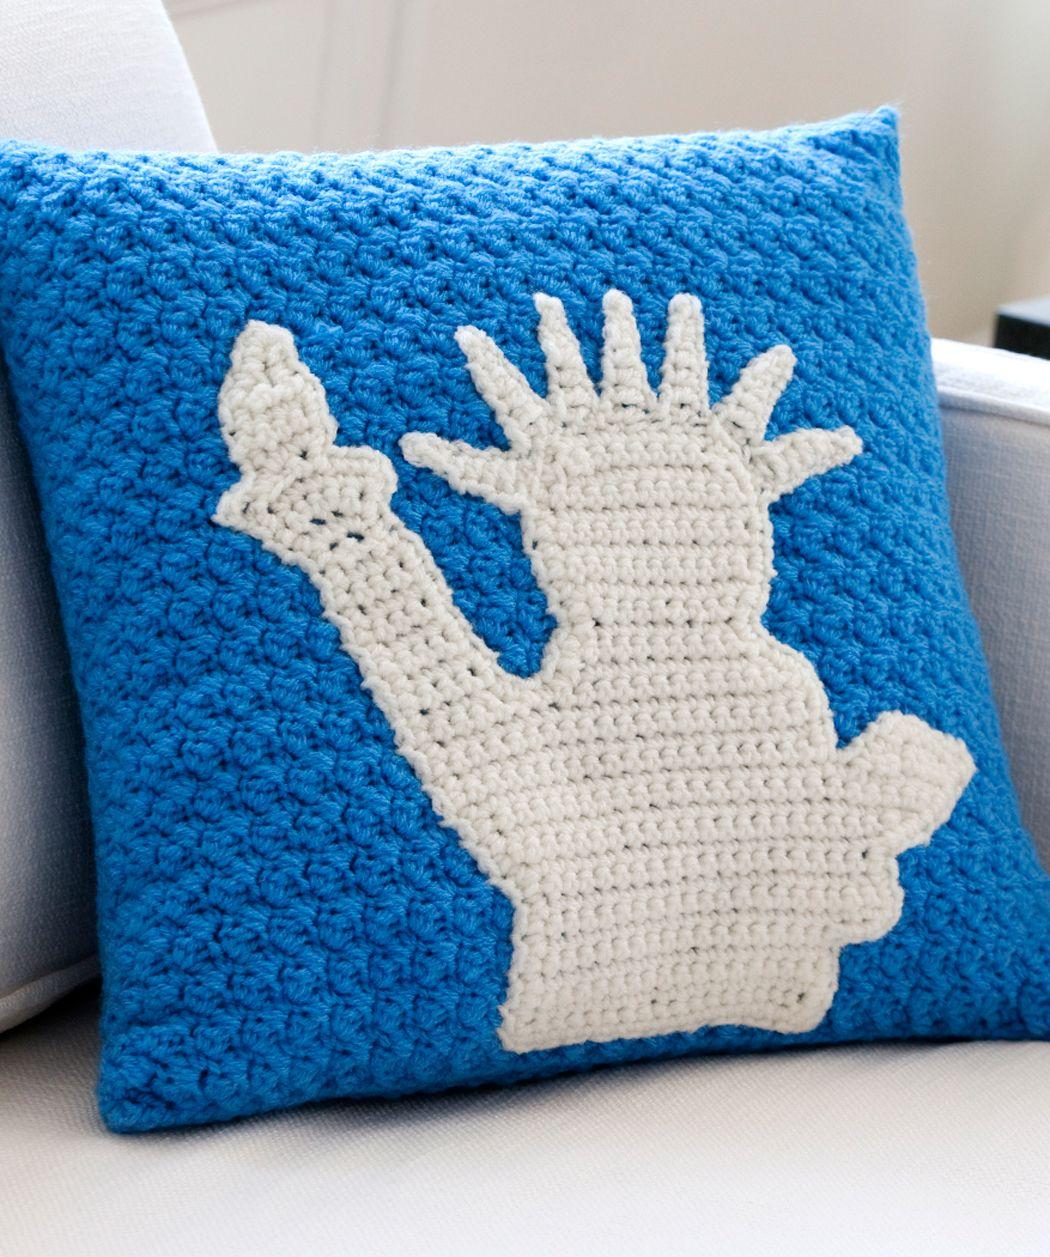 Statue of Liberty Pillow | Häkeln :-) | Pinterest | Haushalte und Häkeln